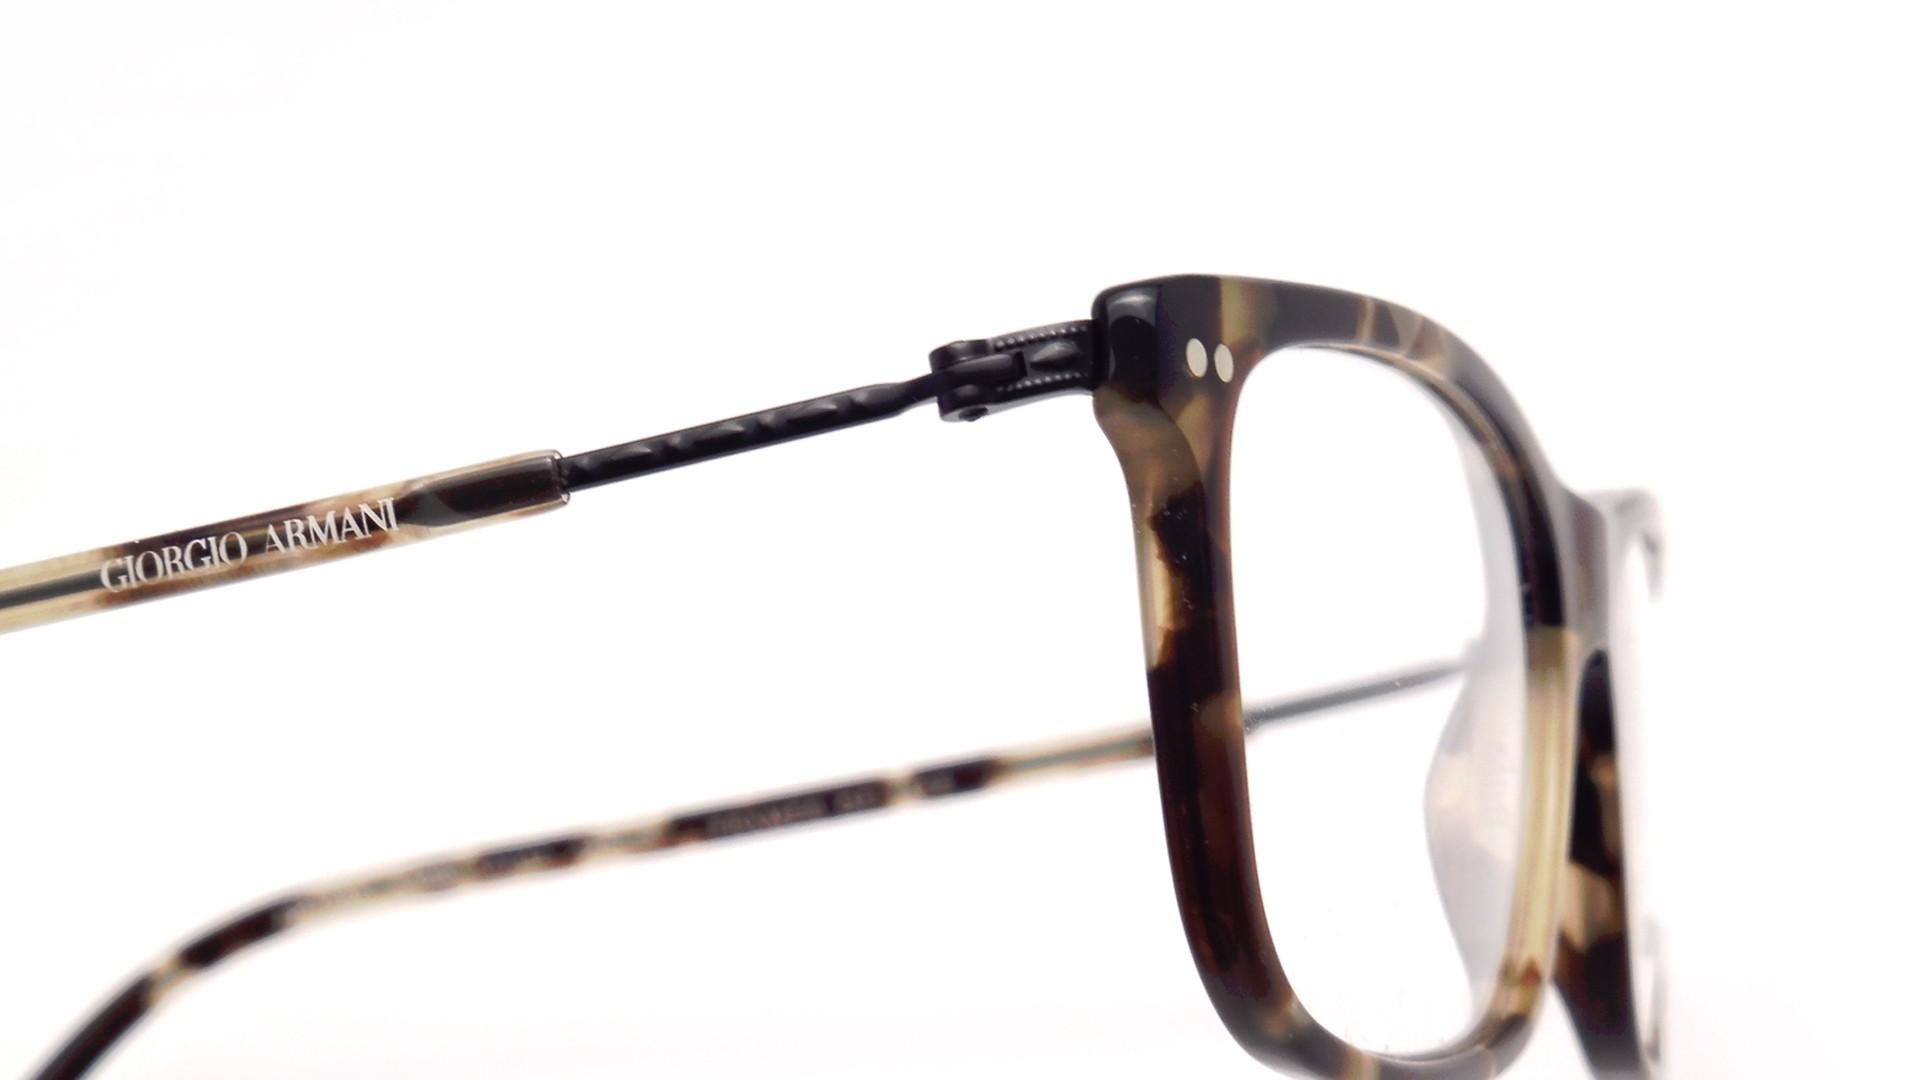 Giorgio Armani Glasses Frames Of Life : Giorgio Armani Frames of Life Tortoise AR7085 5309 54-17 ...